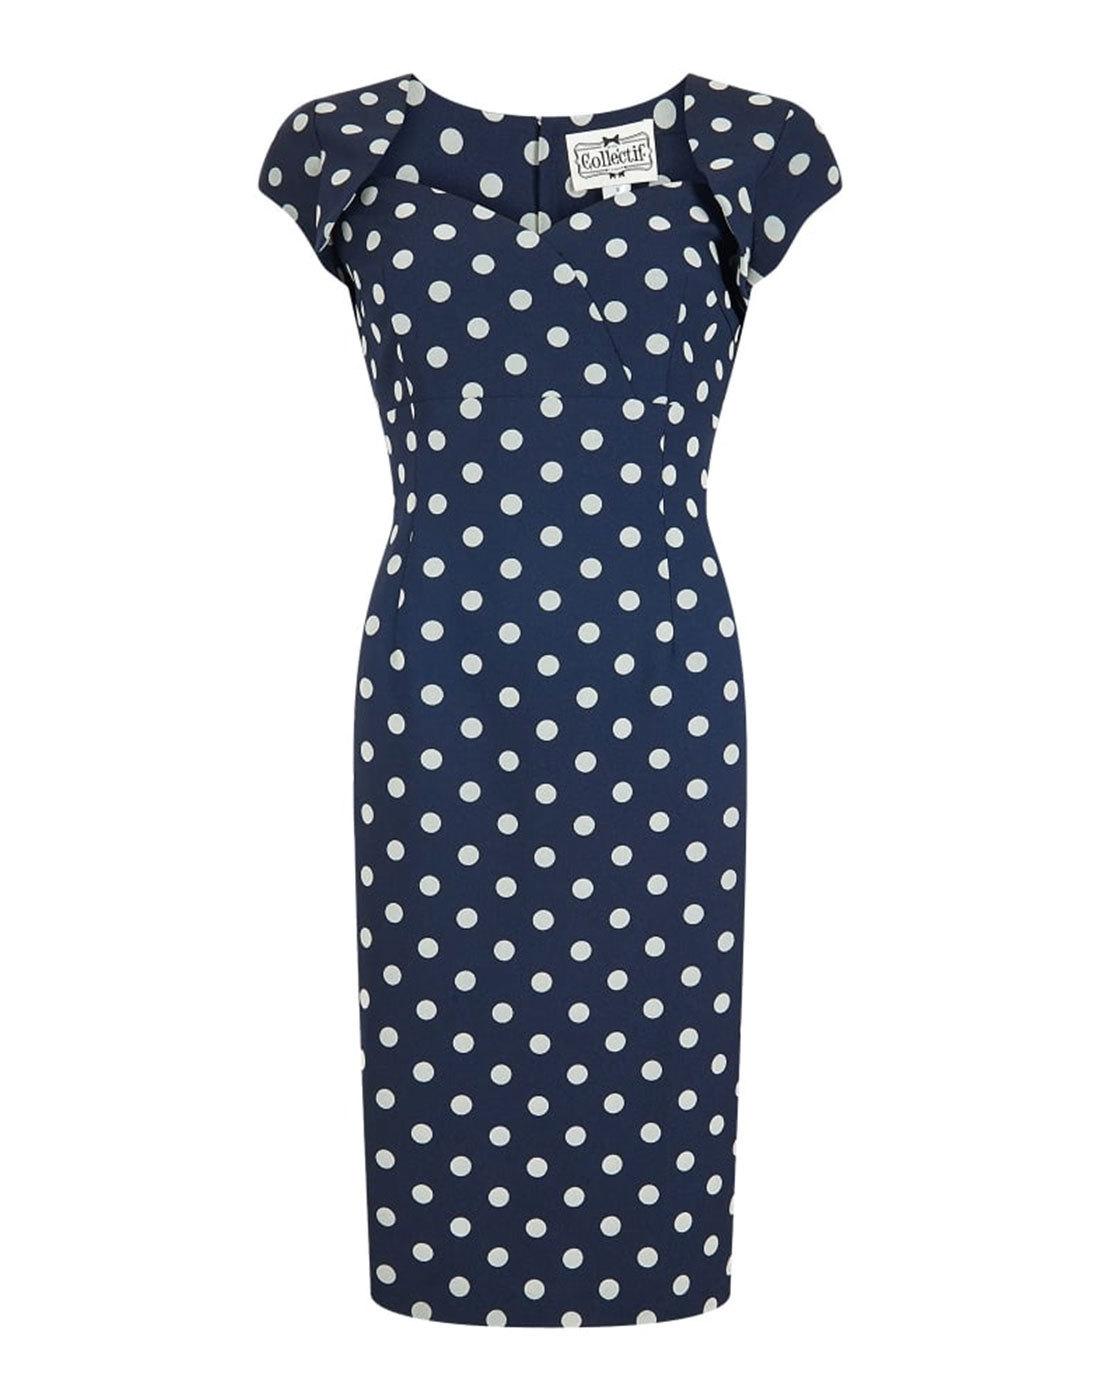 Regina COLLECTIF Retro 50s Polka Dot Pencil Dress